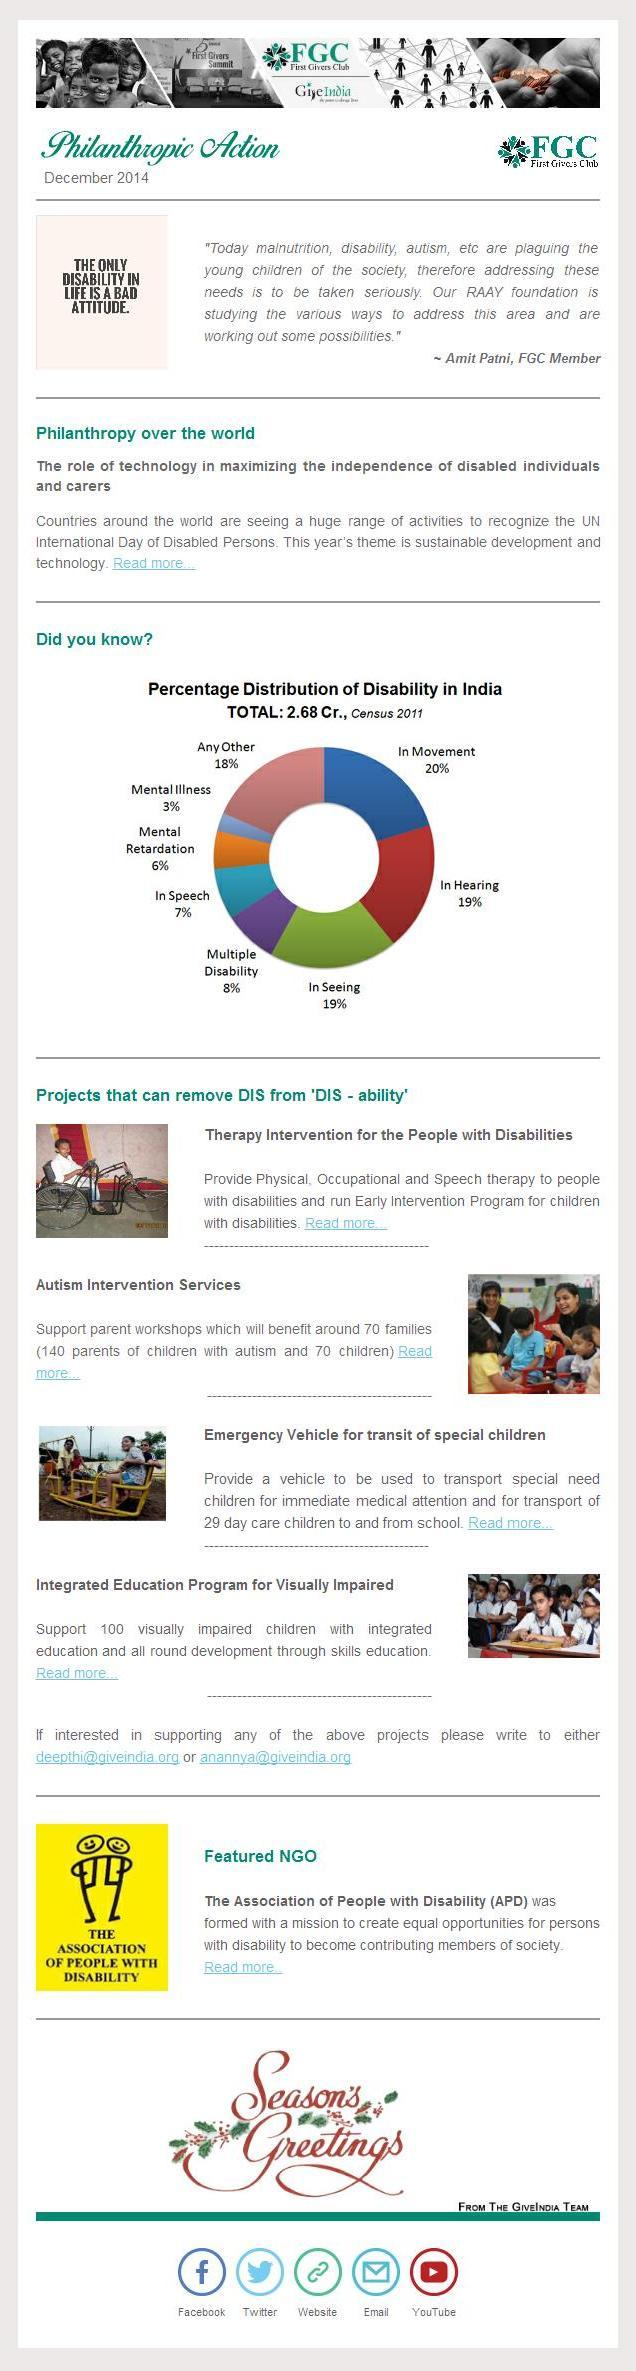 FGC Philanthropic Action - Dec 2014